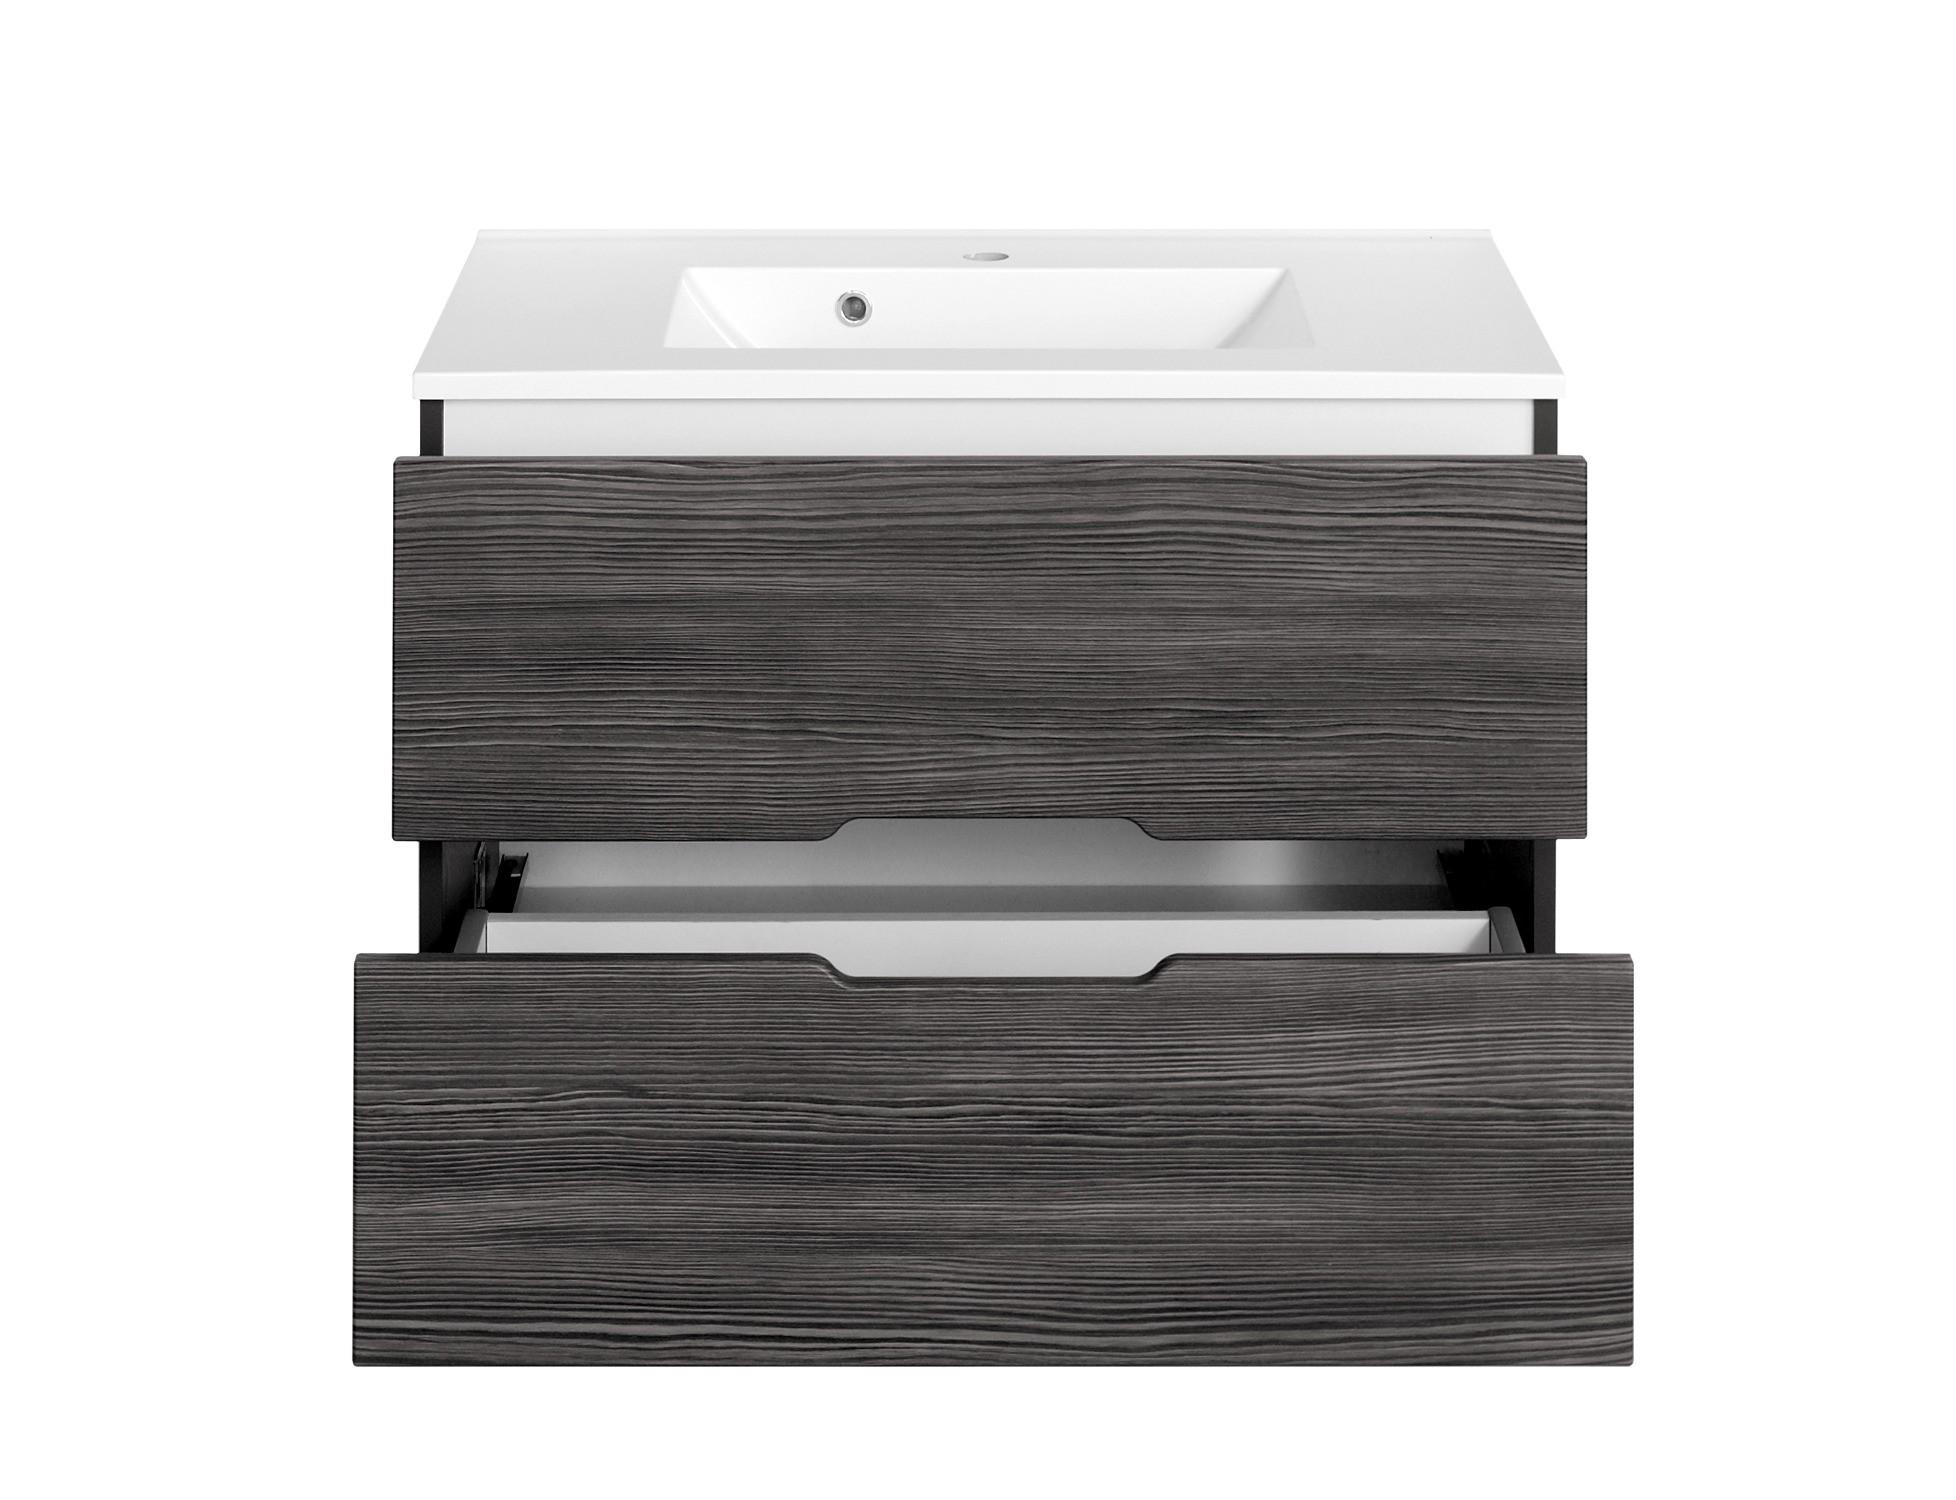 bad-waschtisch belluno - 2 auszüge - 80 cm breit - lärche, Badezimmer ideen